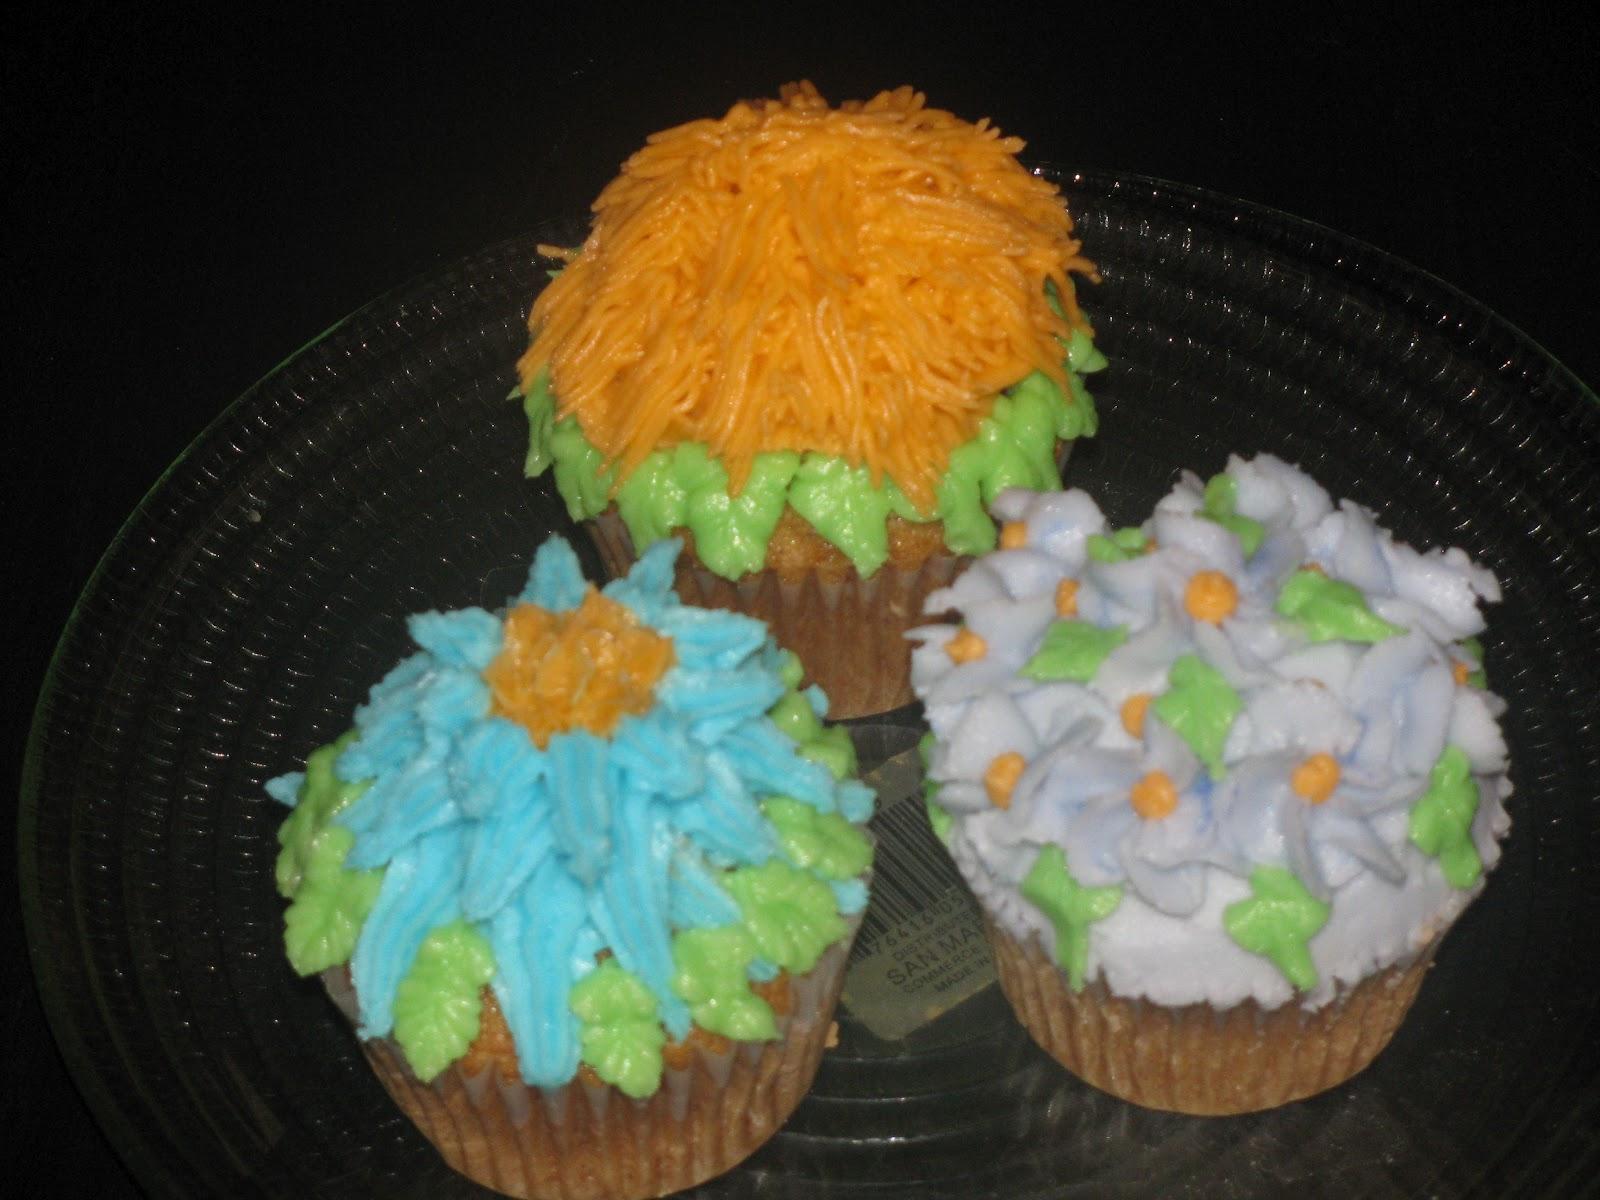 Divya s culinary journey: Wilton basic cake decorating ...